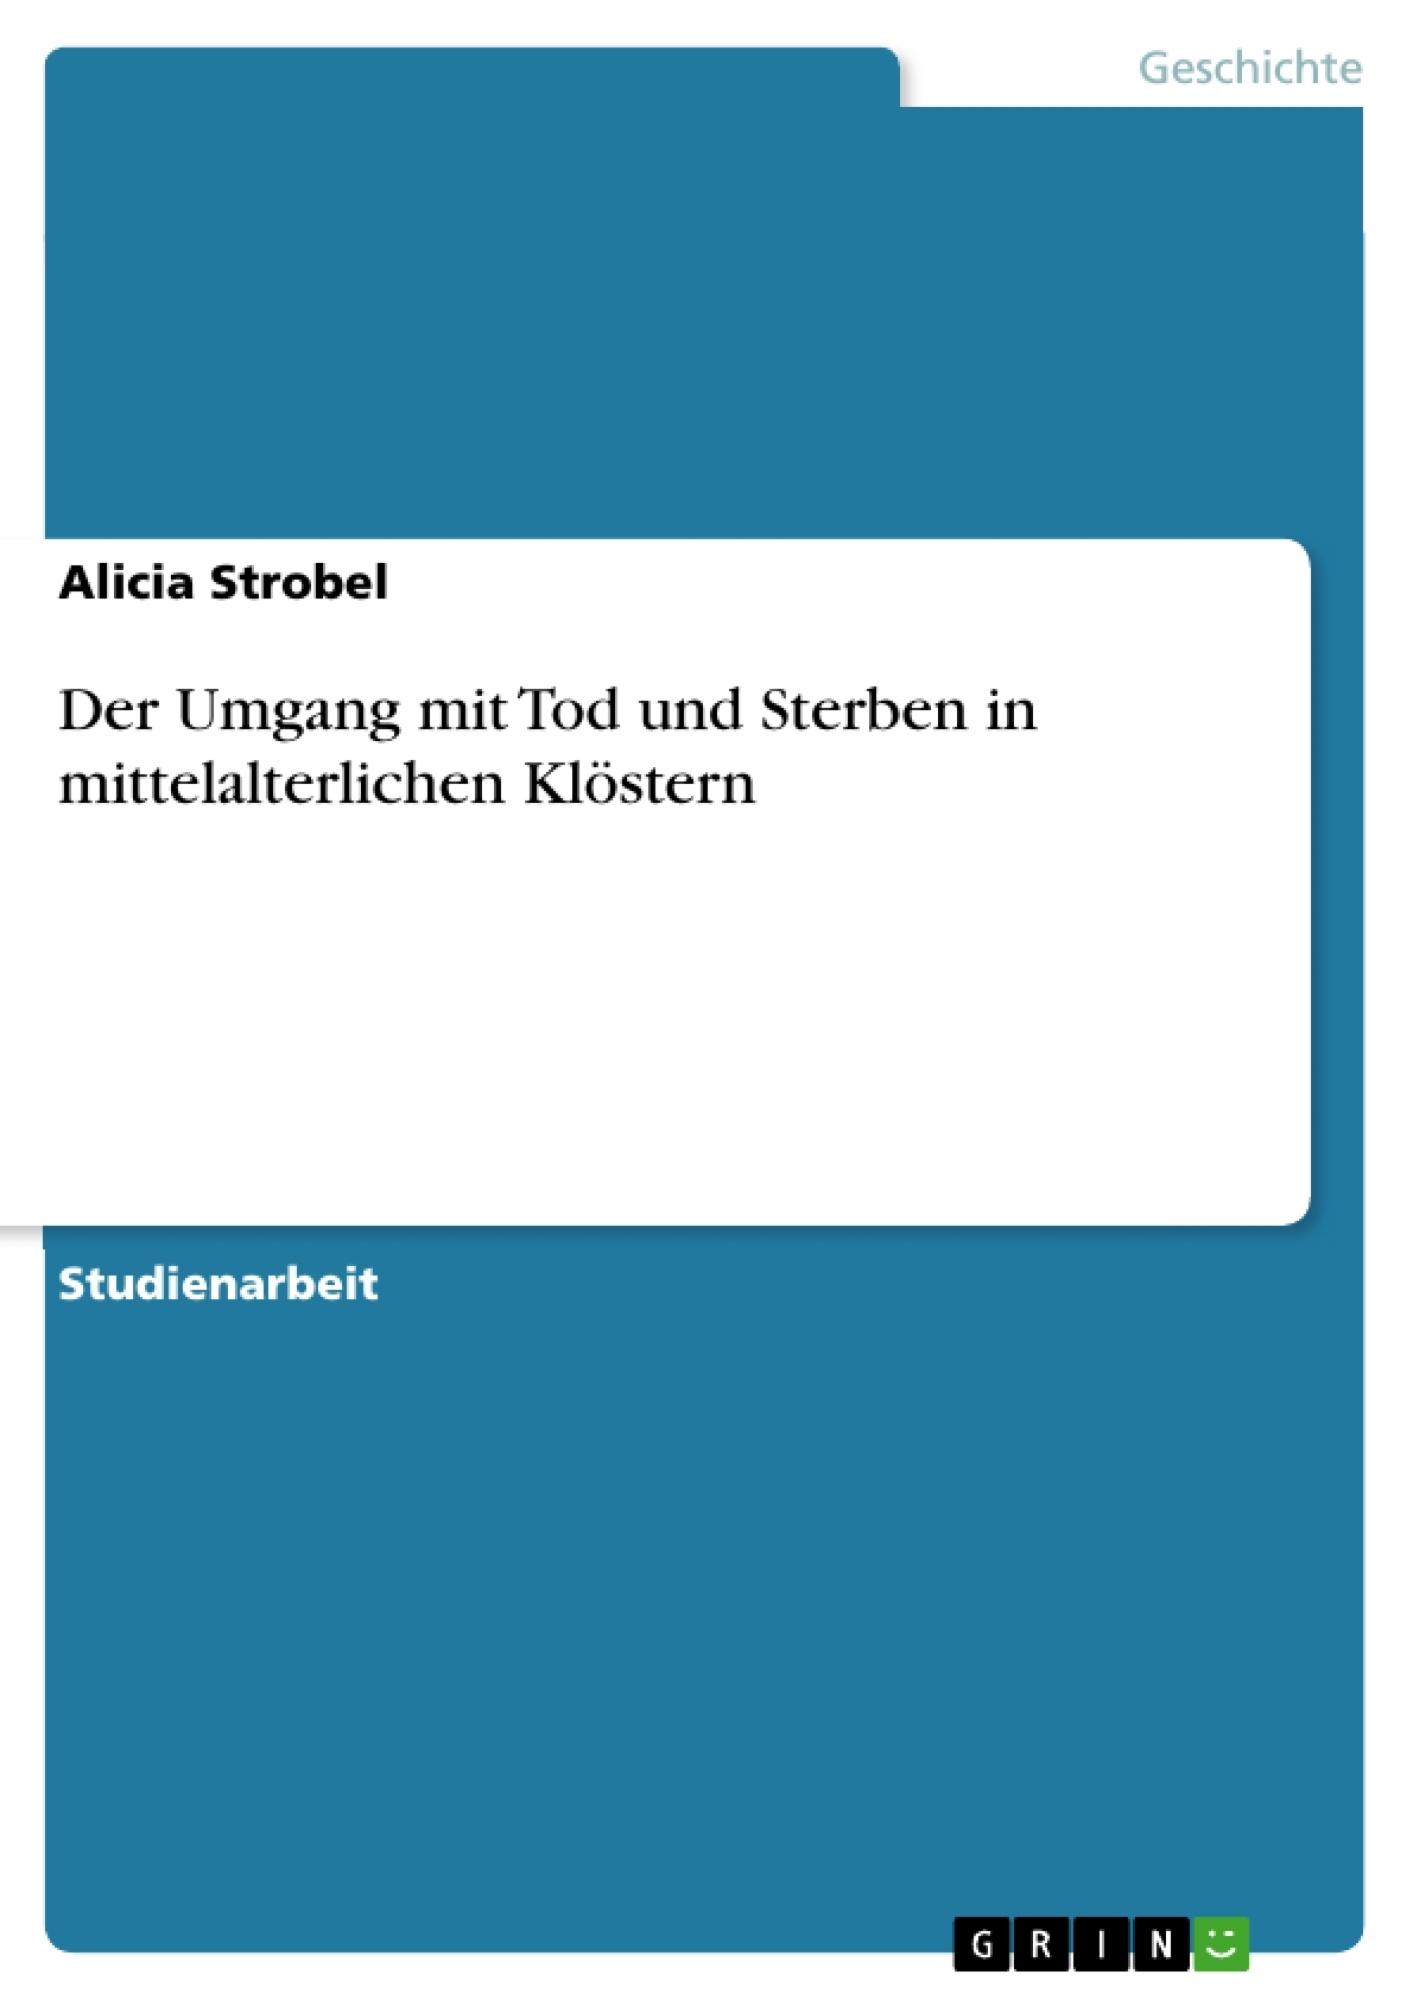 Titel: Der Umgang mit Tod und Sterben in mittelalterlichen Klöstern